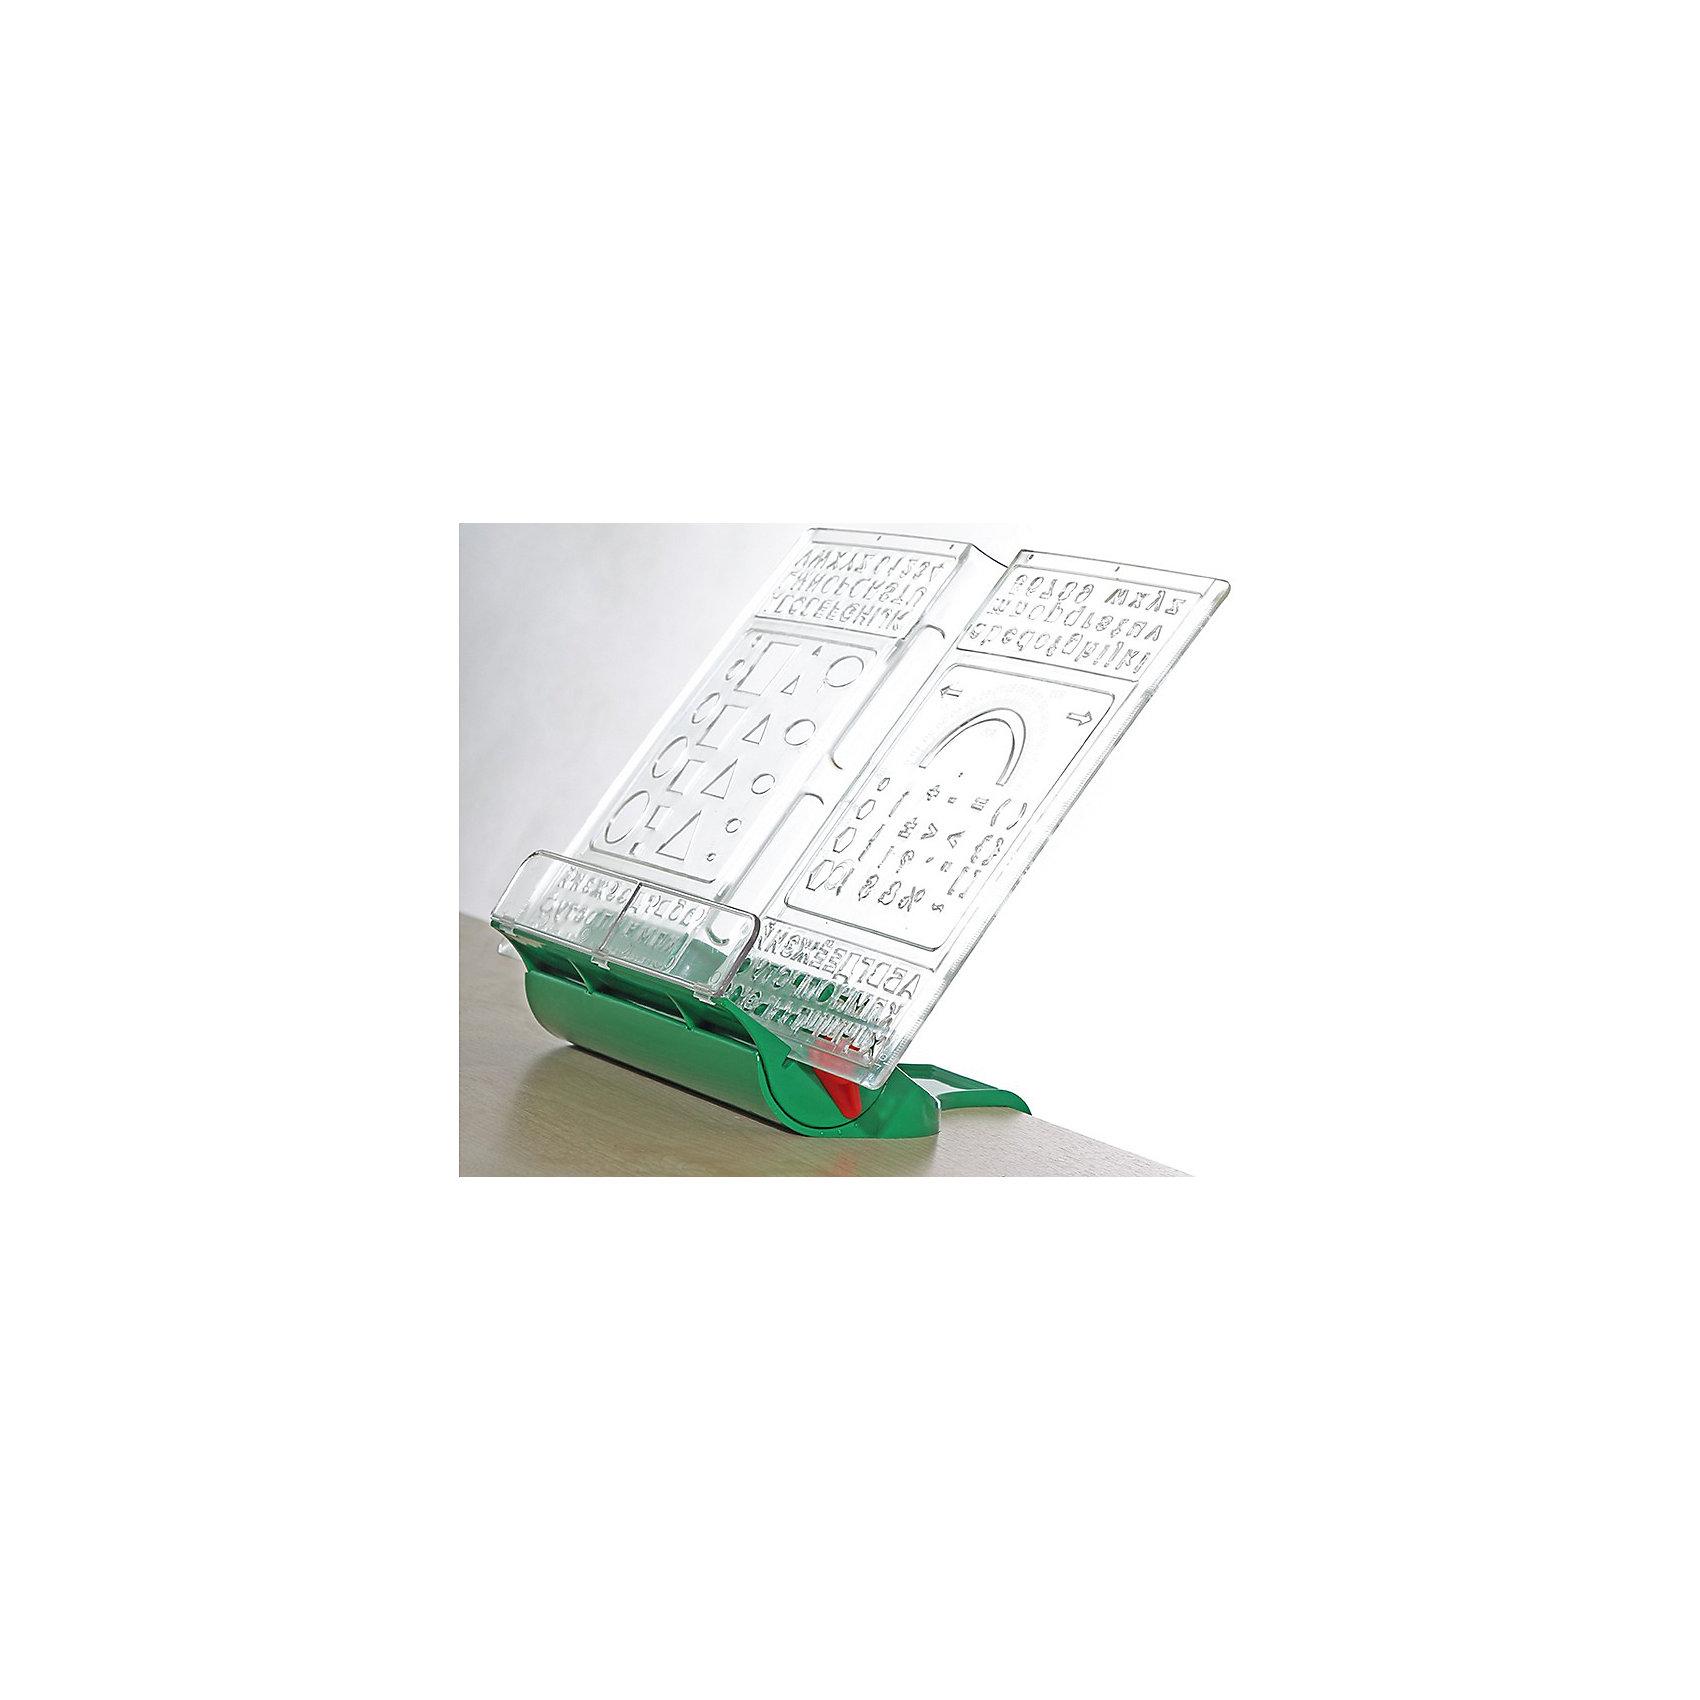 Подставка-трафарет для книг ПДК.01, Дэми, зеленый  купить журнальный столик с ящиками